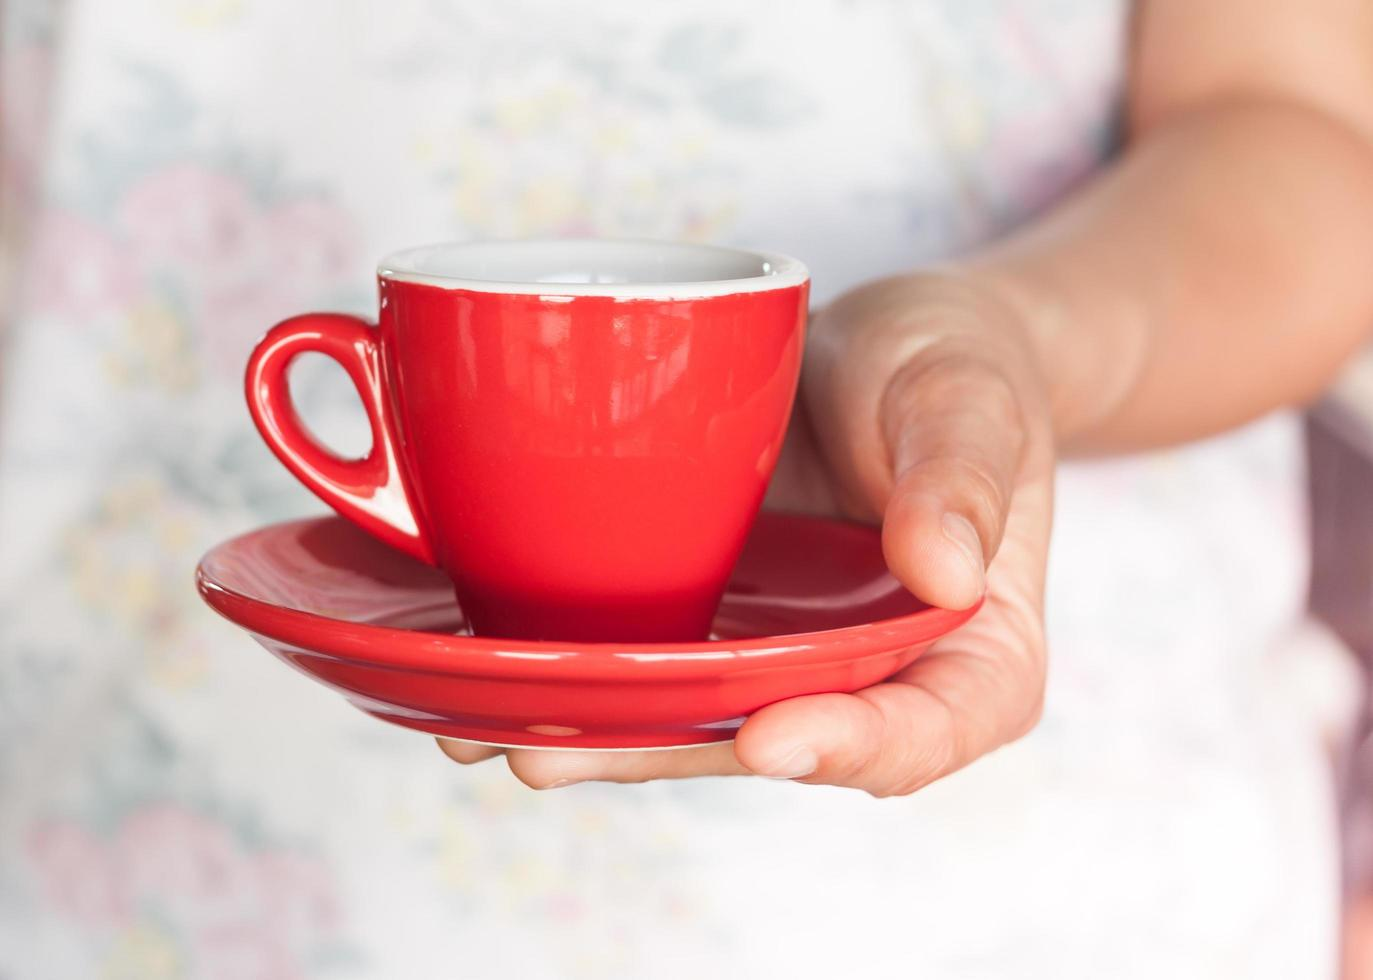 personne tenant une tasse de café rouge photo